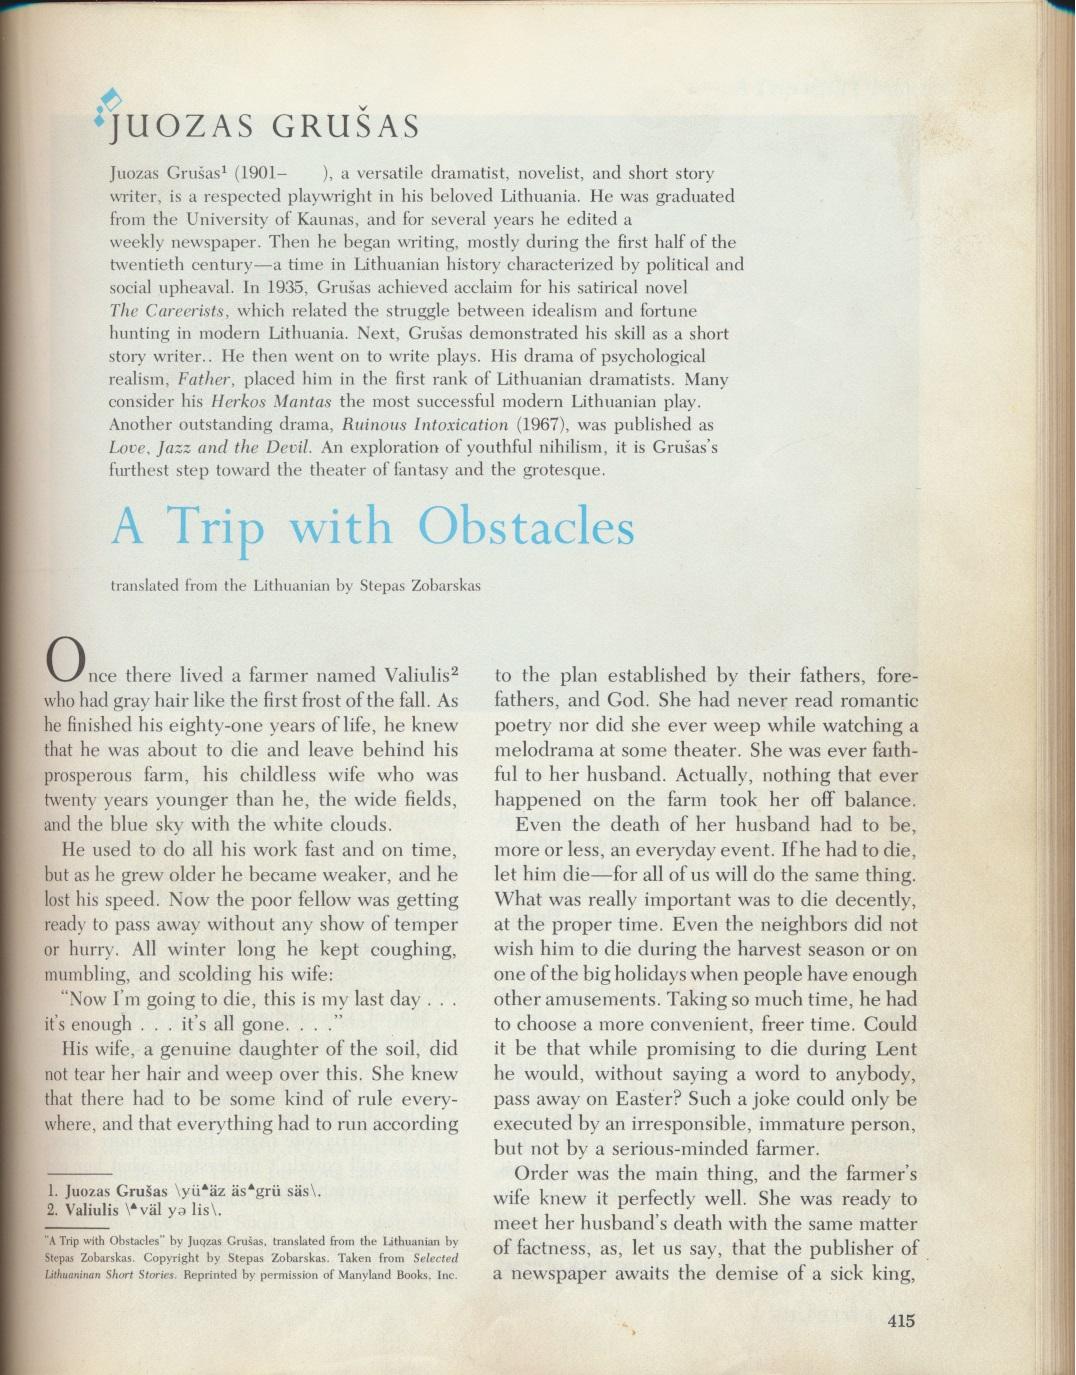 Didžiosios Britanijos ir Vakarų literatūra, III leidimas. Niujorkas, 1979. J. Grušo biografija